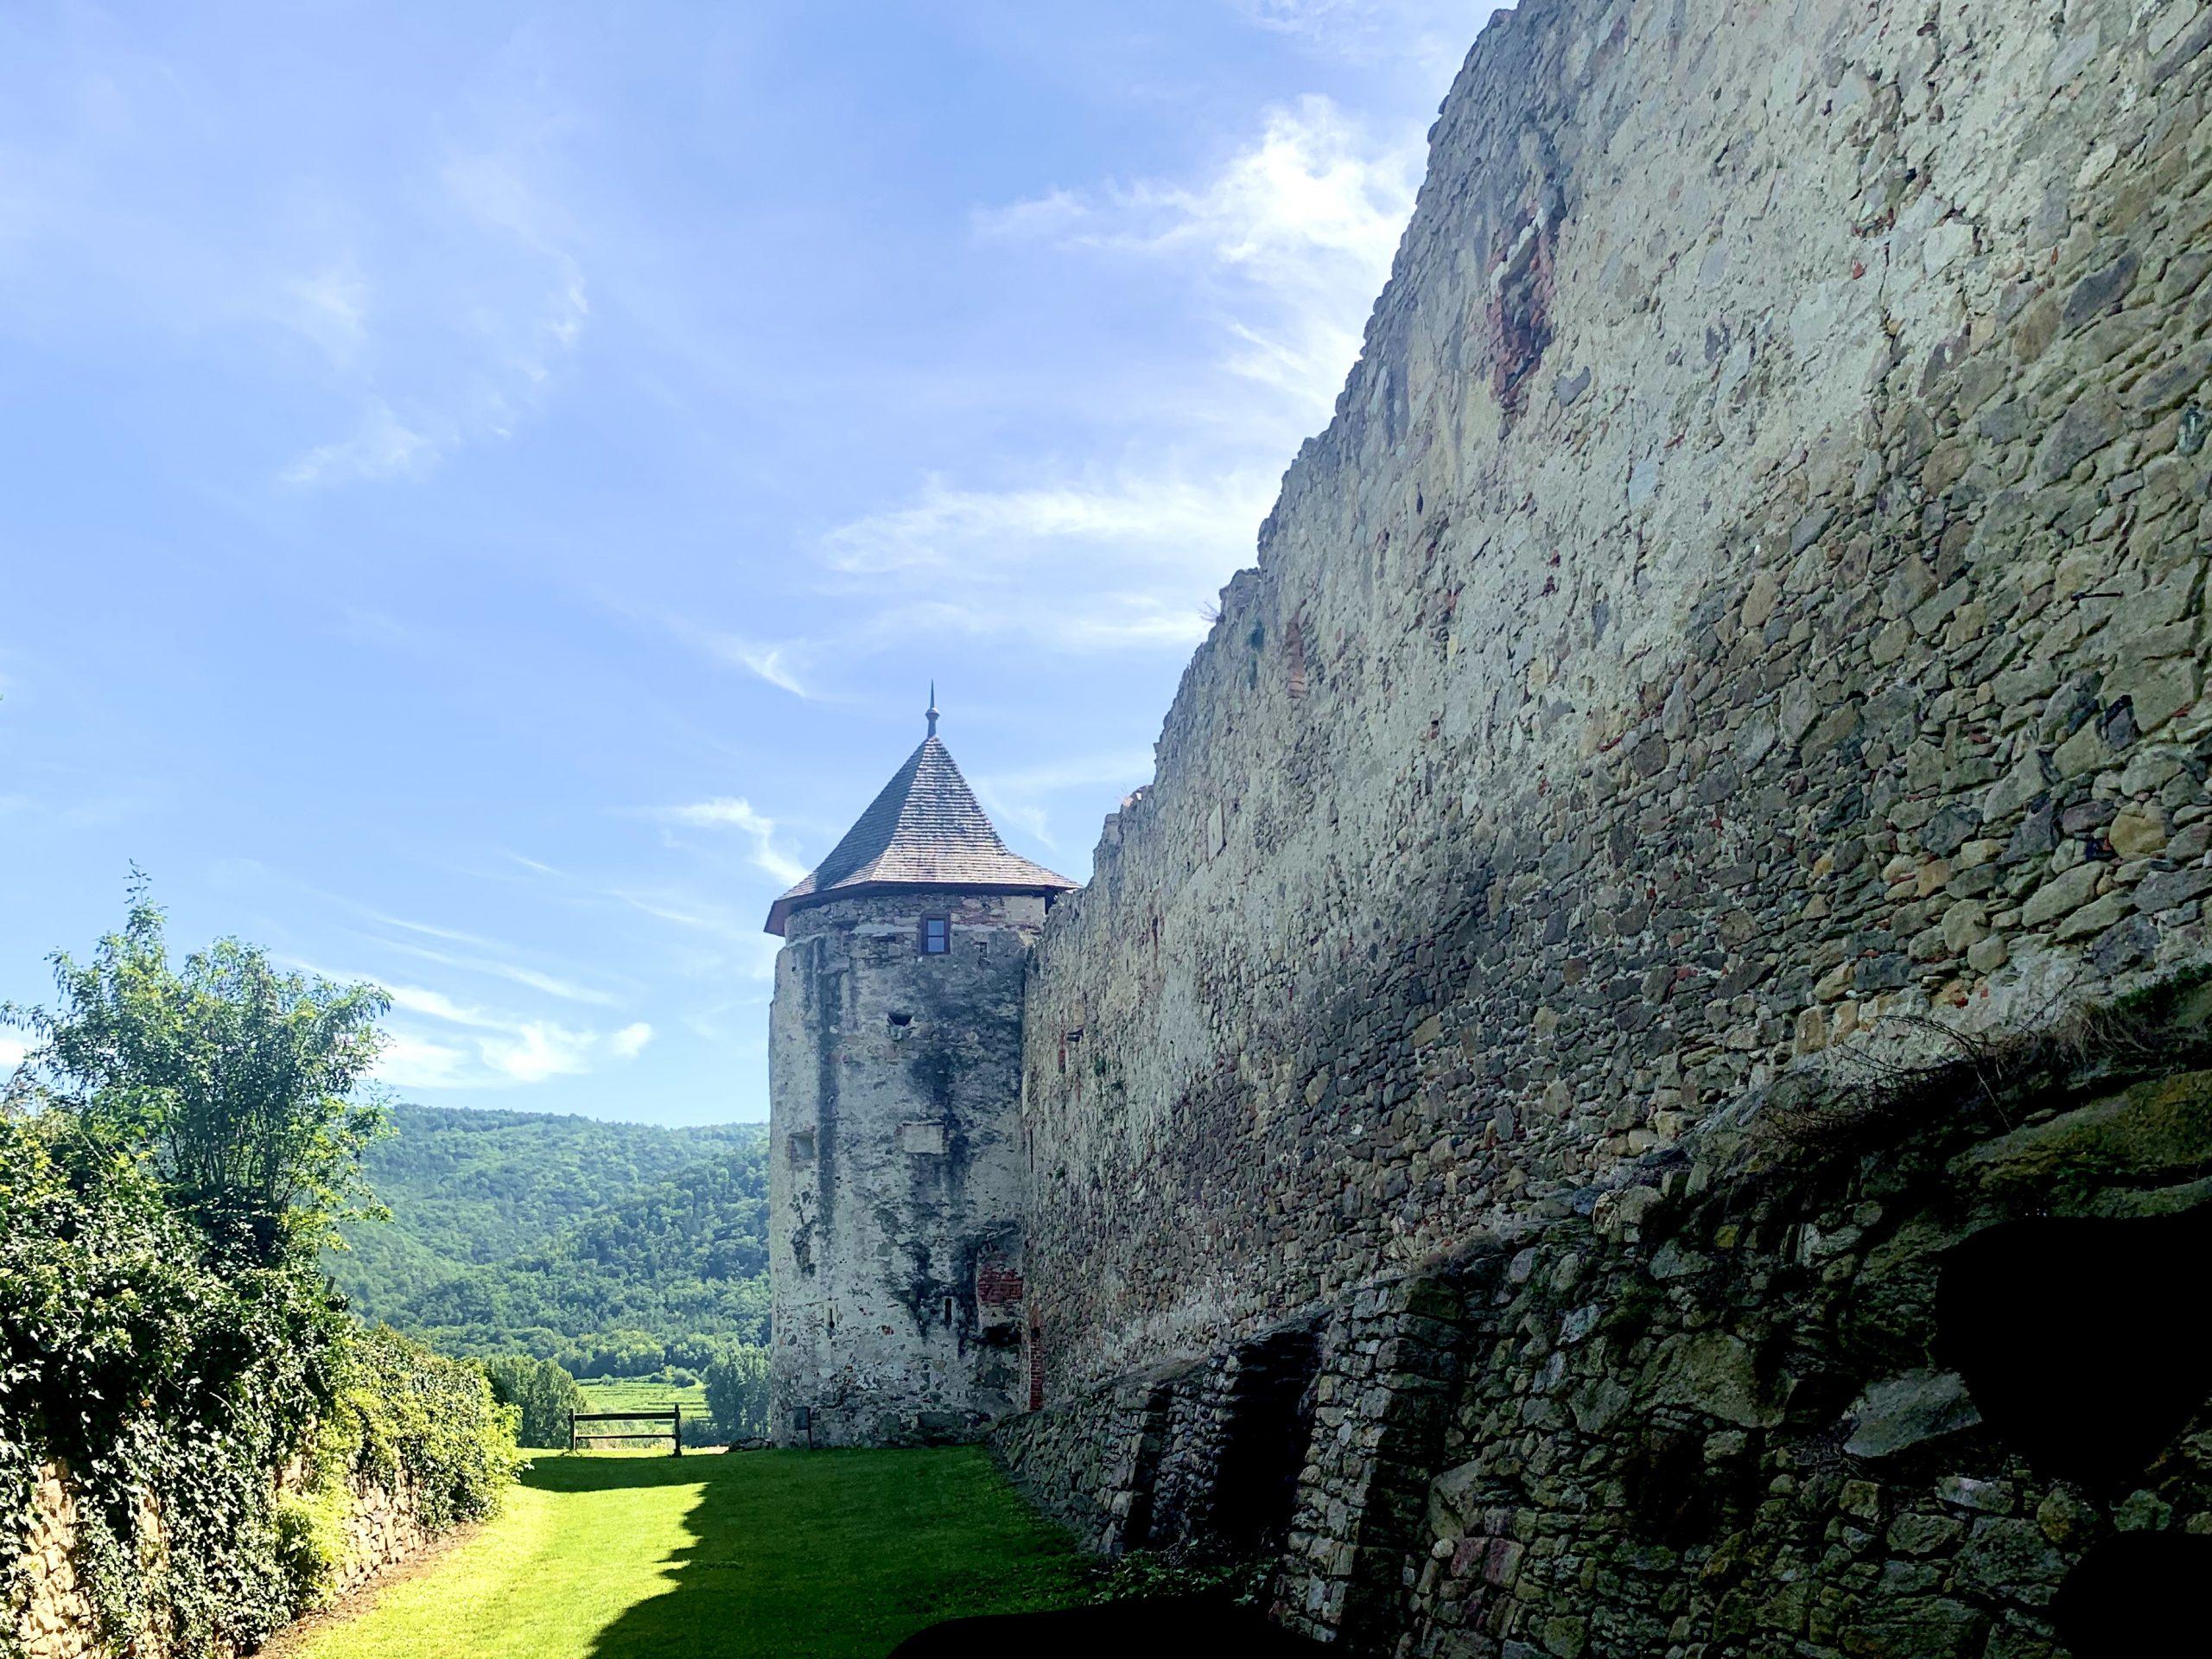 Ostmauer der Pfarrkirche Weißenkirchen mit Turm